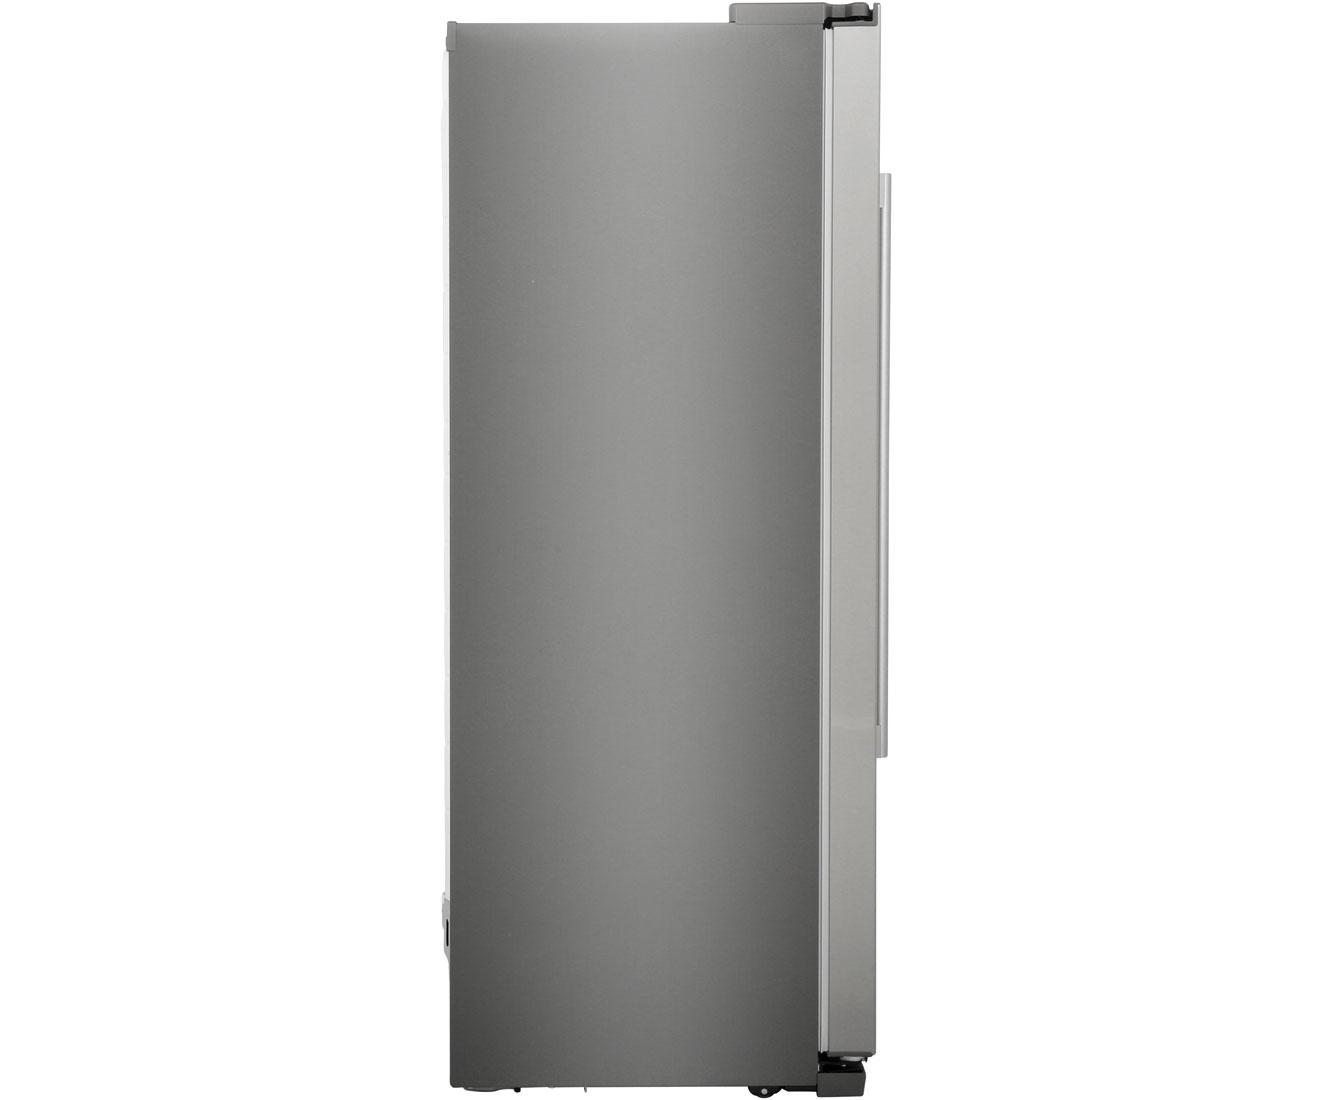 Siemens Kühlschrank Alarm Leuchtet : Siemens iq ka nvi amerikanischer side by side l